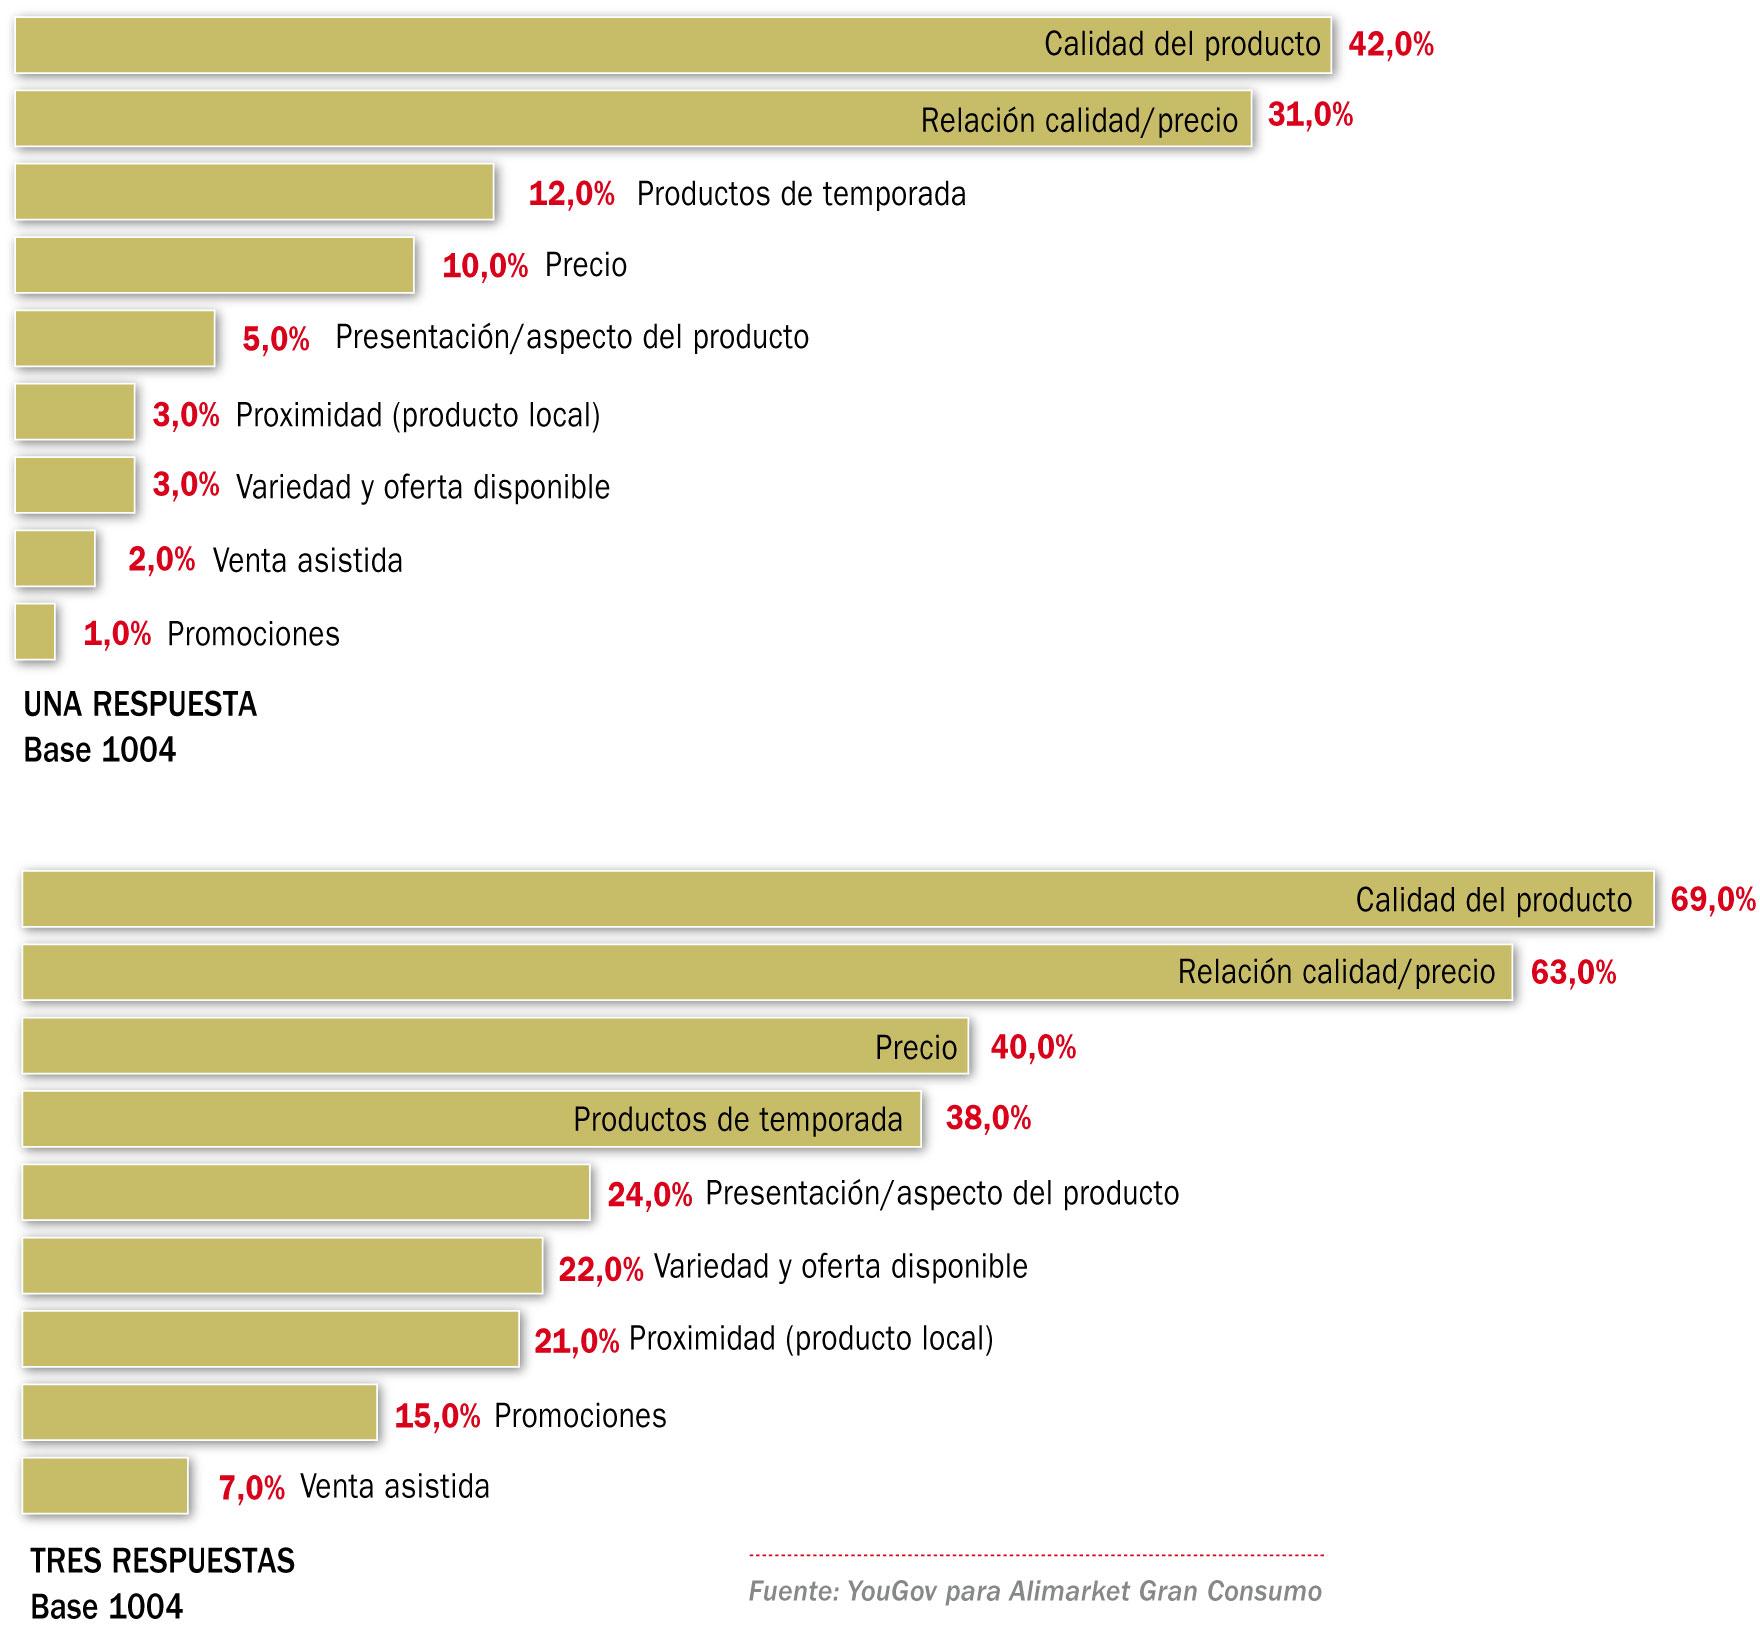 Motivos que influyen en la decisión de compra de frutas y hortalizas